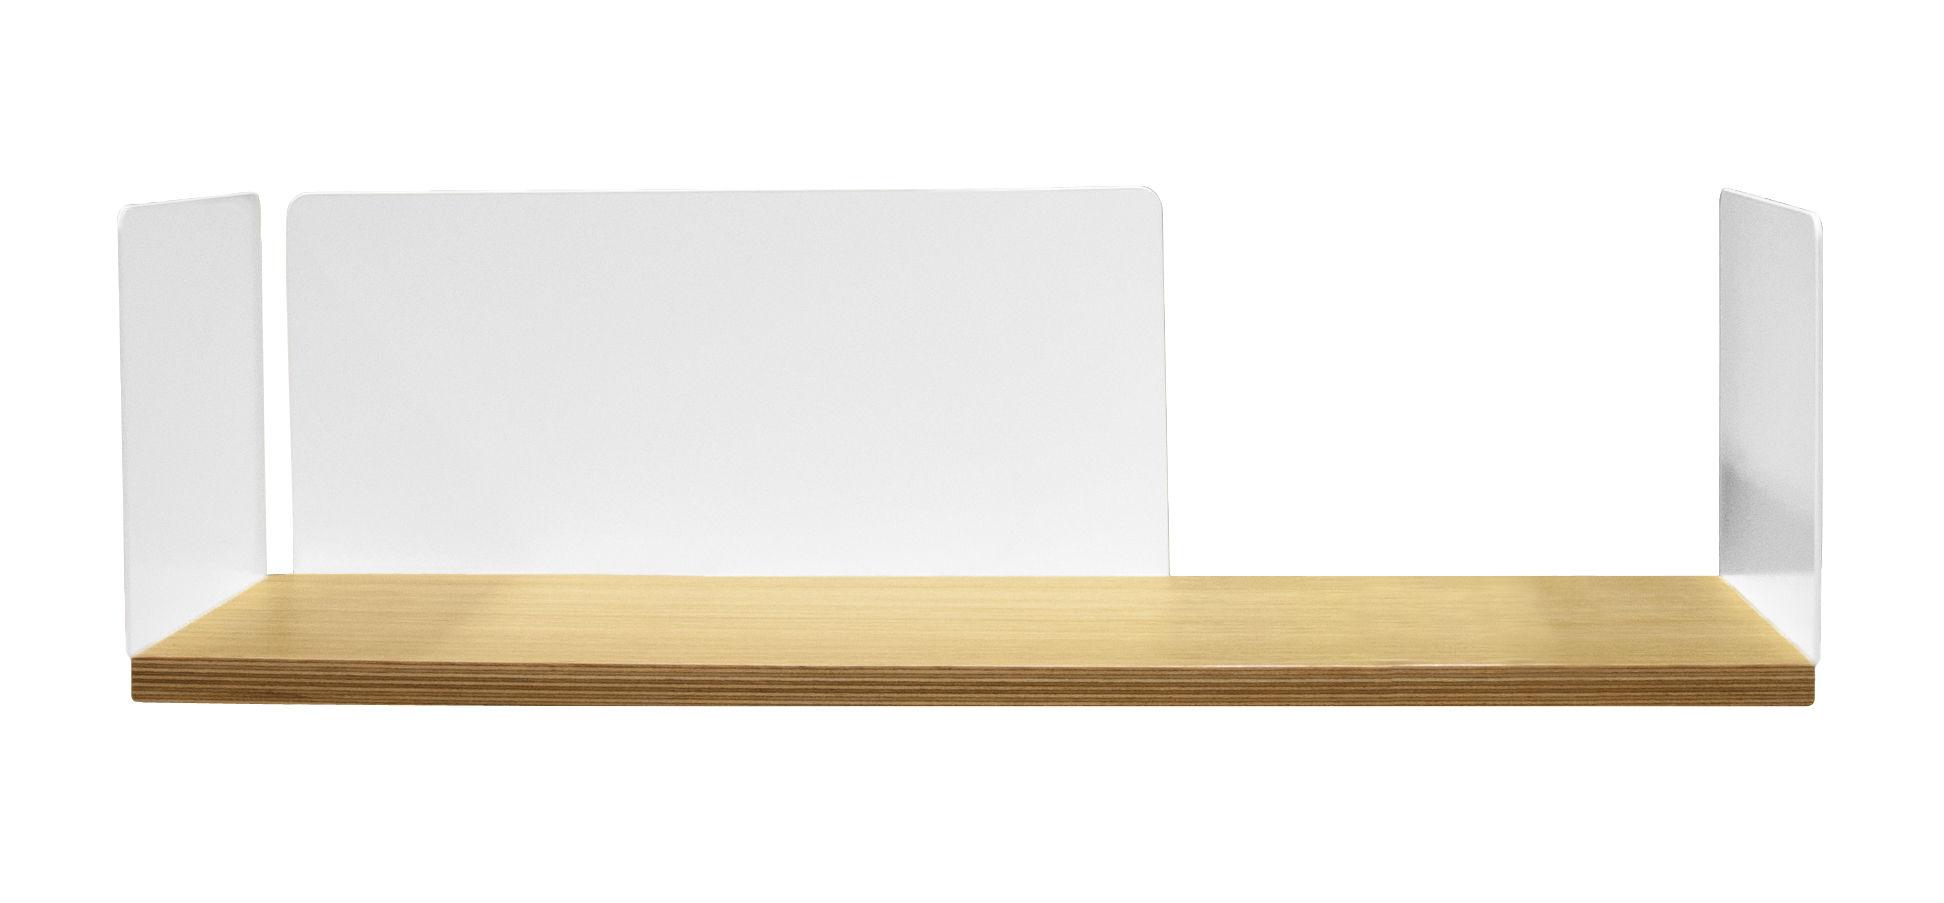 Mobilier - Etagères & bibliothèques - Etagère Portable Atelier / Moleskine - L 60 cm - Driade - Bois & blanc - Acier laqué, Contreplaqué de chêne